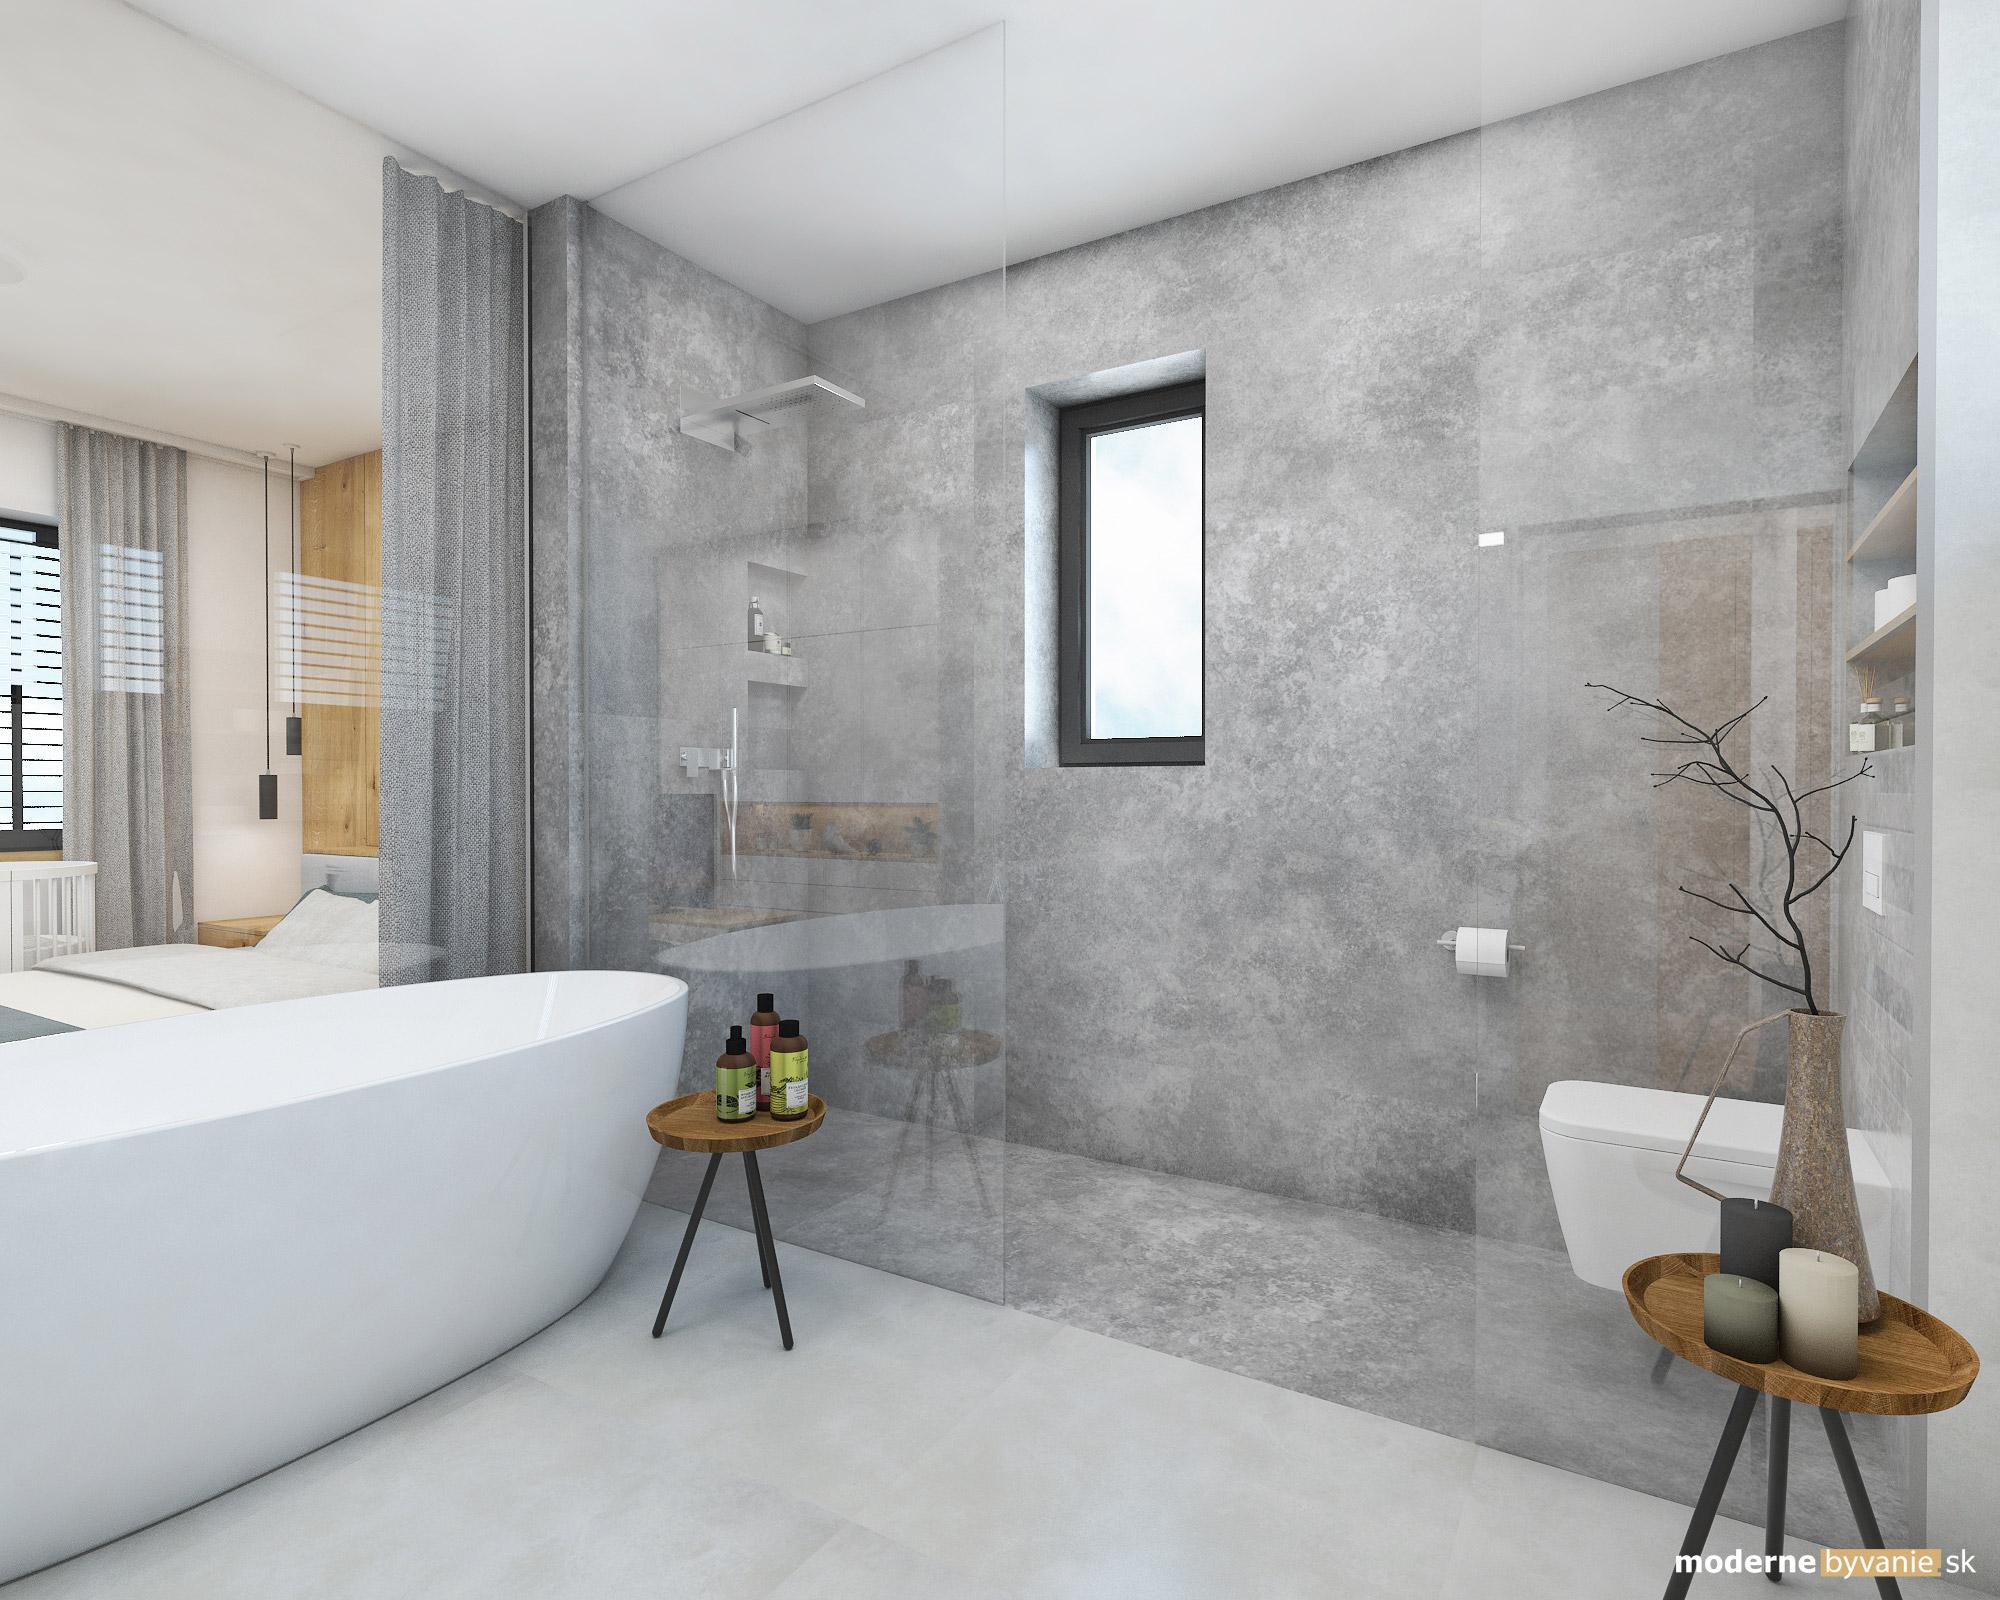 Návrh interiéru - Kúpelňa - Dizajn interiéru domu v Tatrách